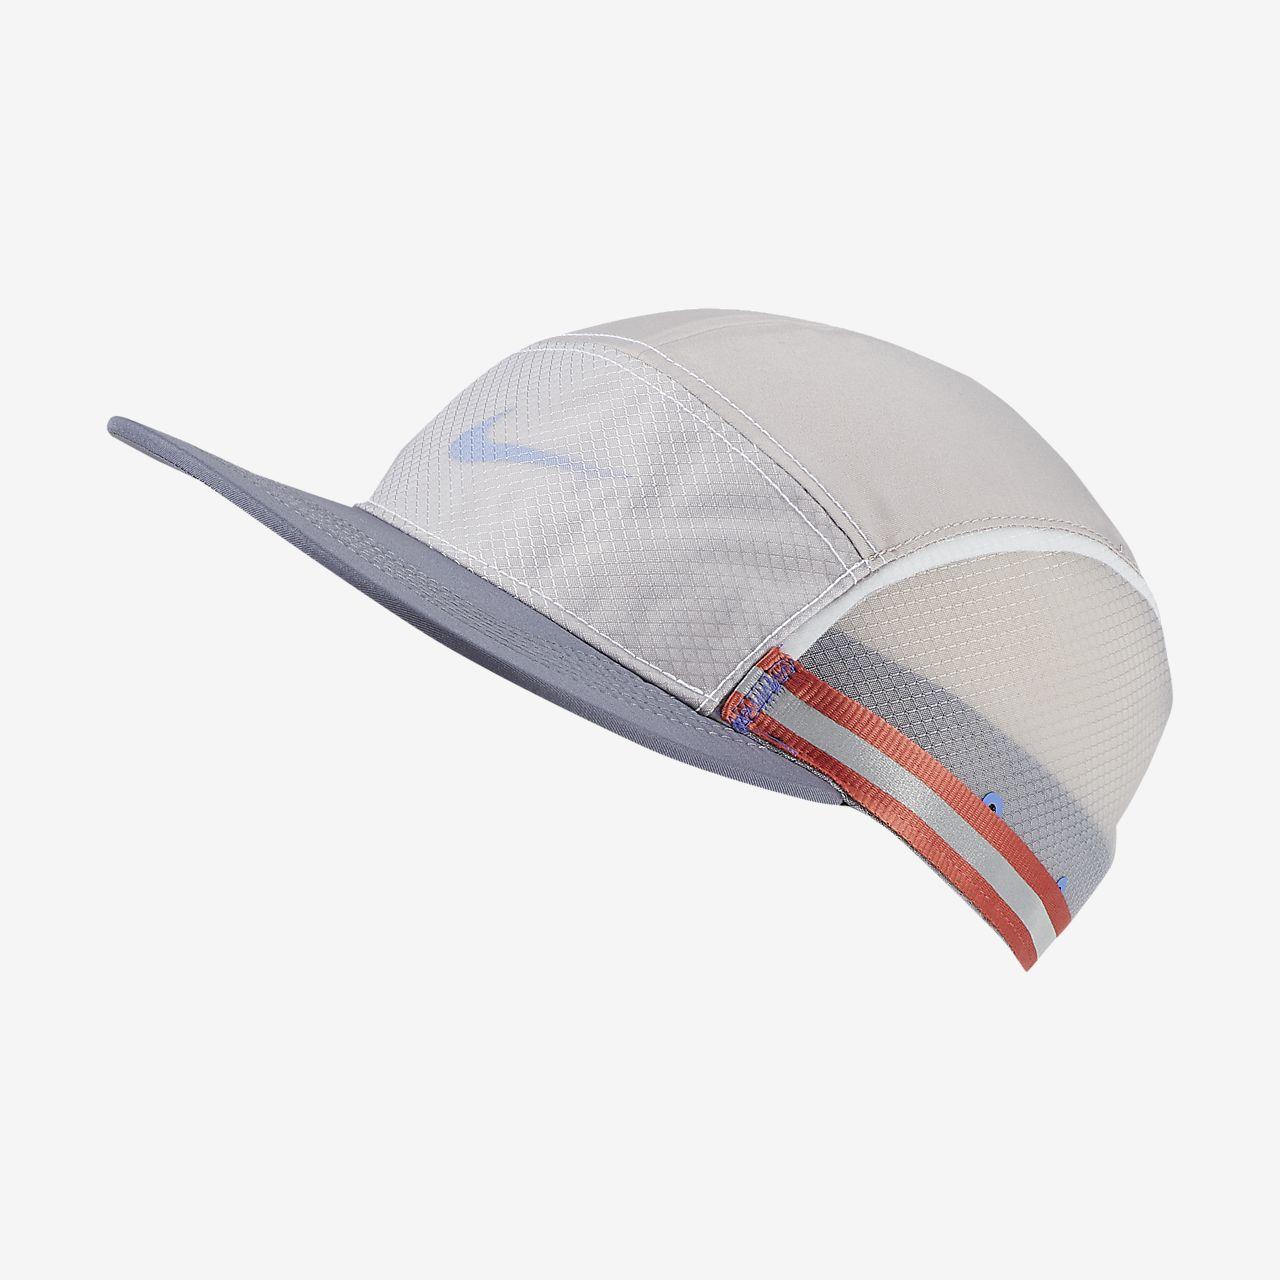 NikeLab ISPA AW84 Cap